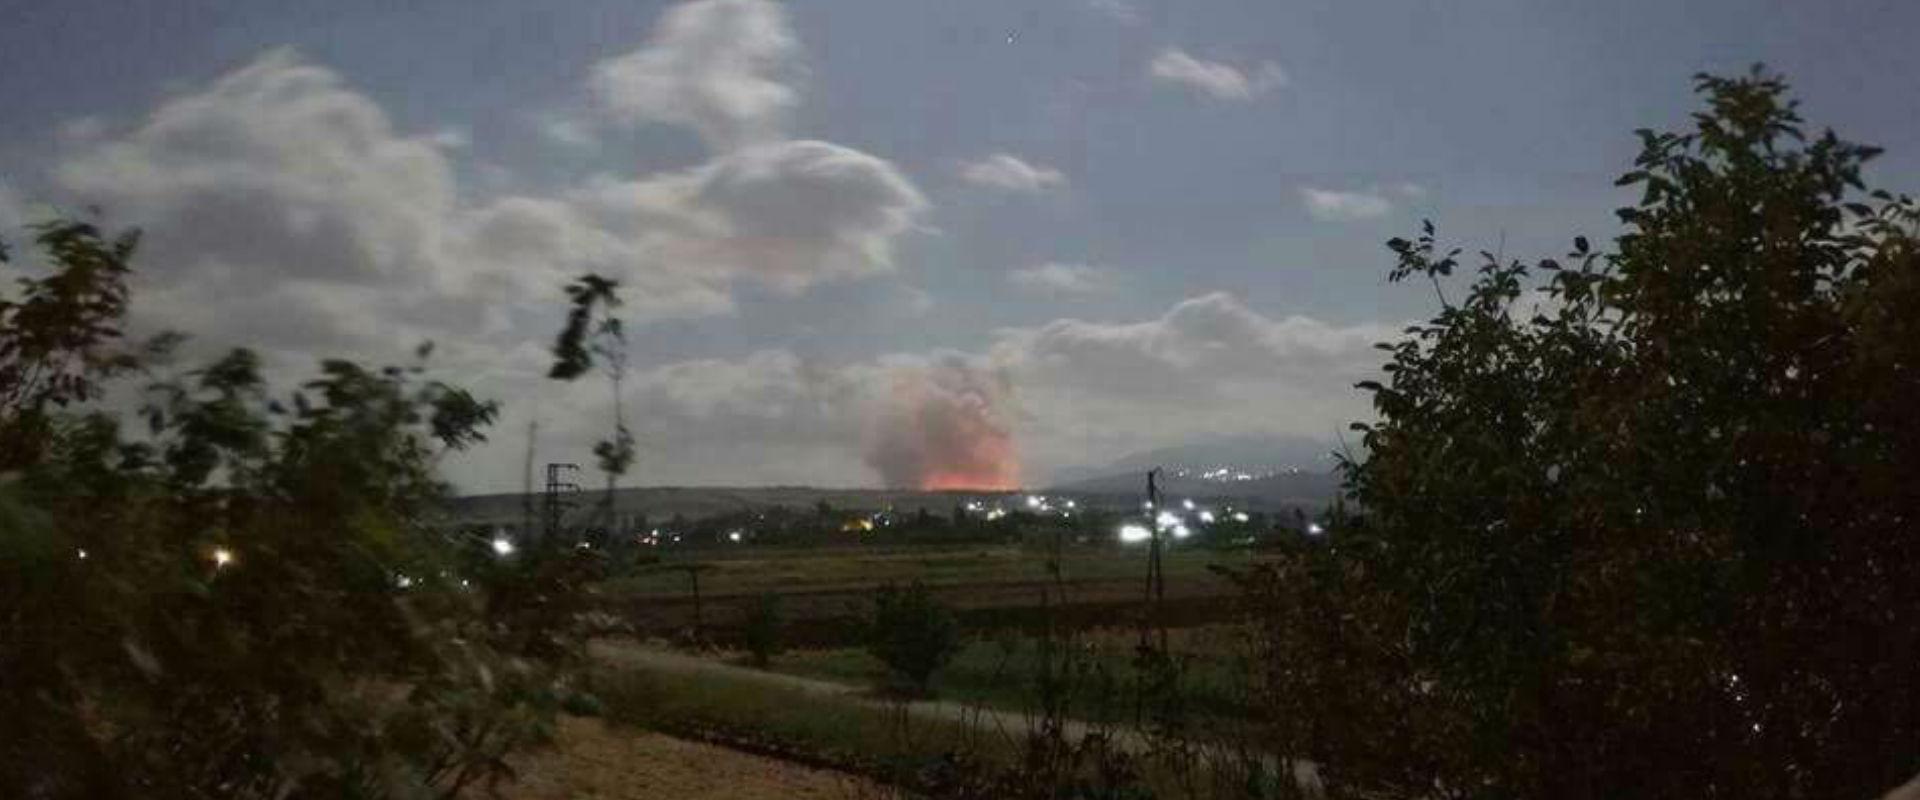 האתר שהותקף לפי הדיווחים בסוריה